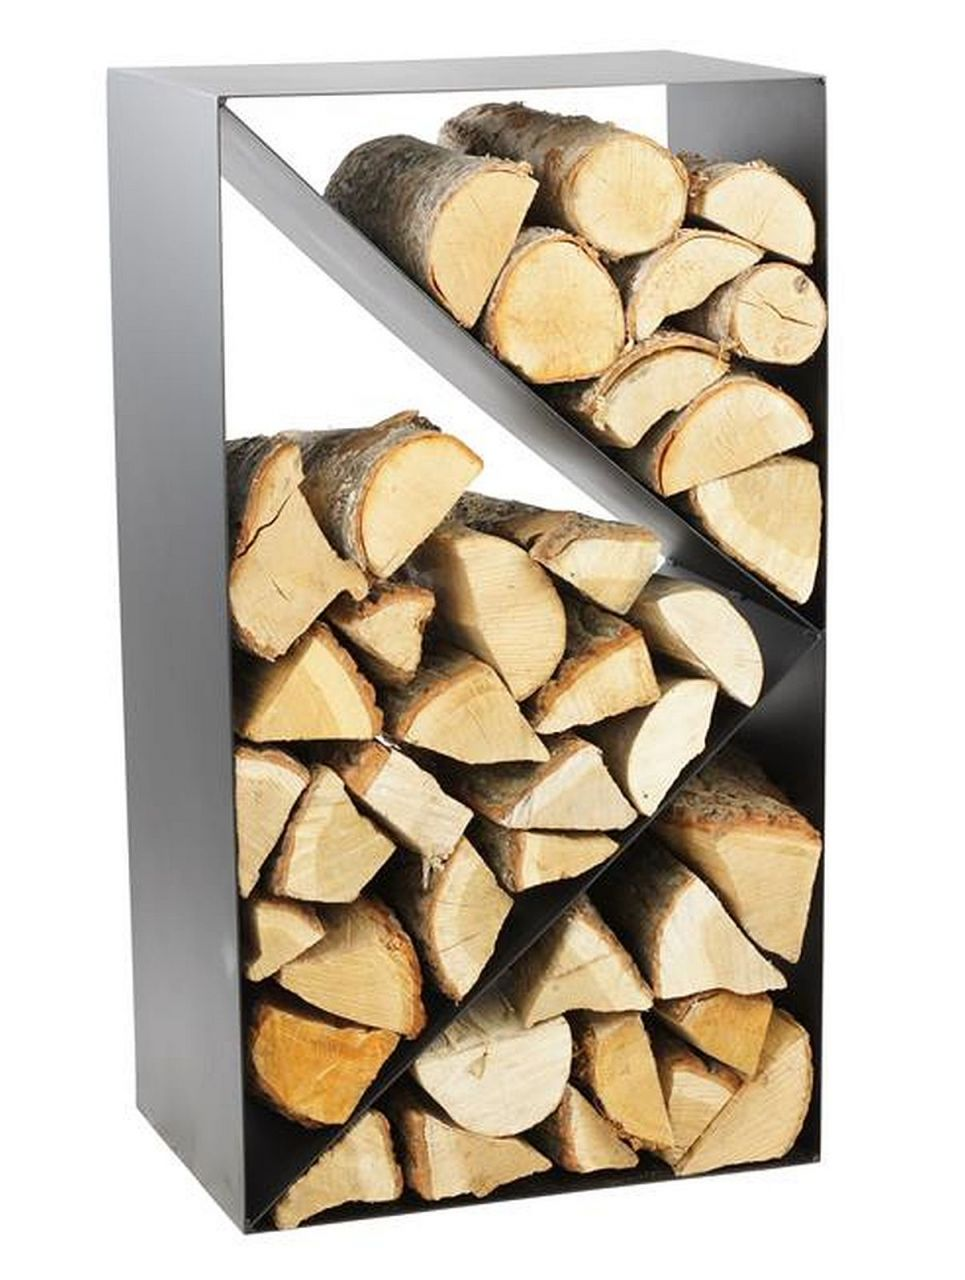 Holzständer Für Kaminholz kaminholzregal stahl schwarz 3 fächer holzständer handgefertigt n-br